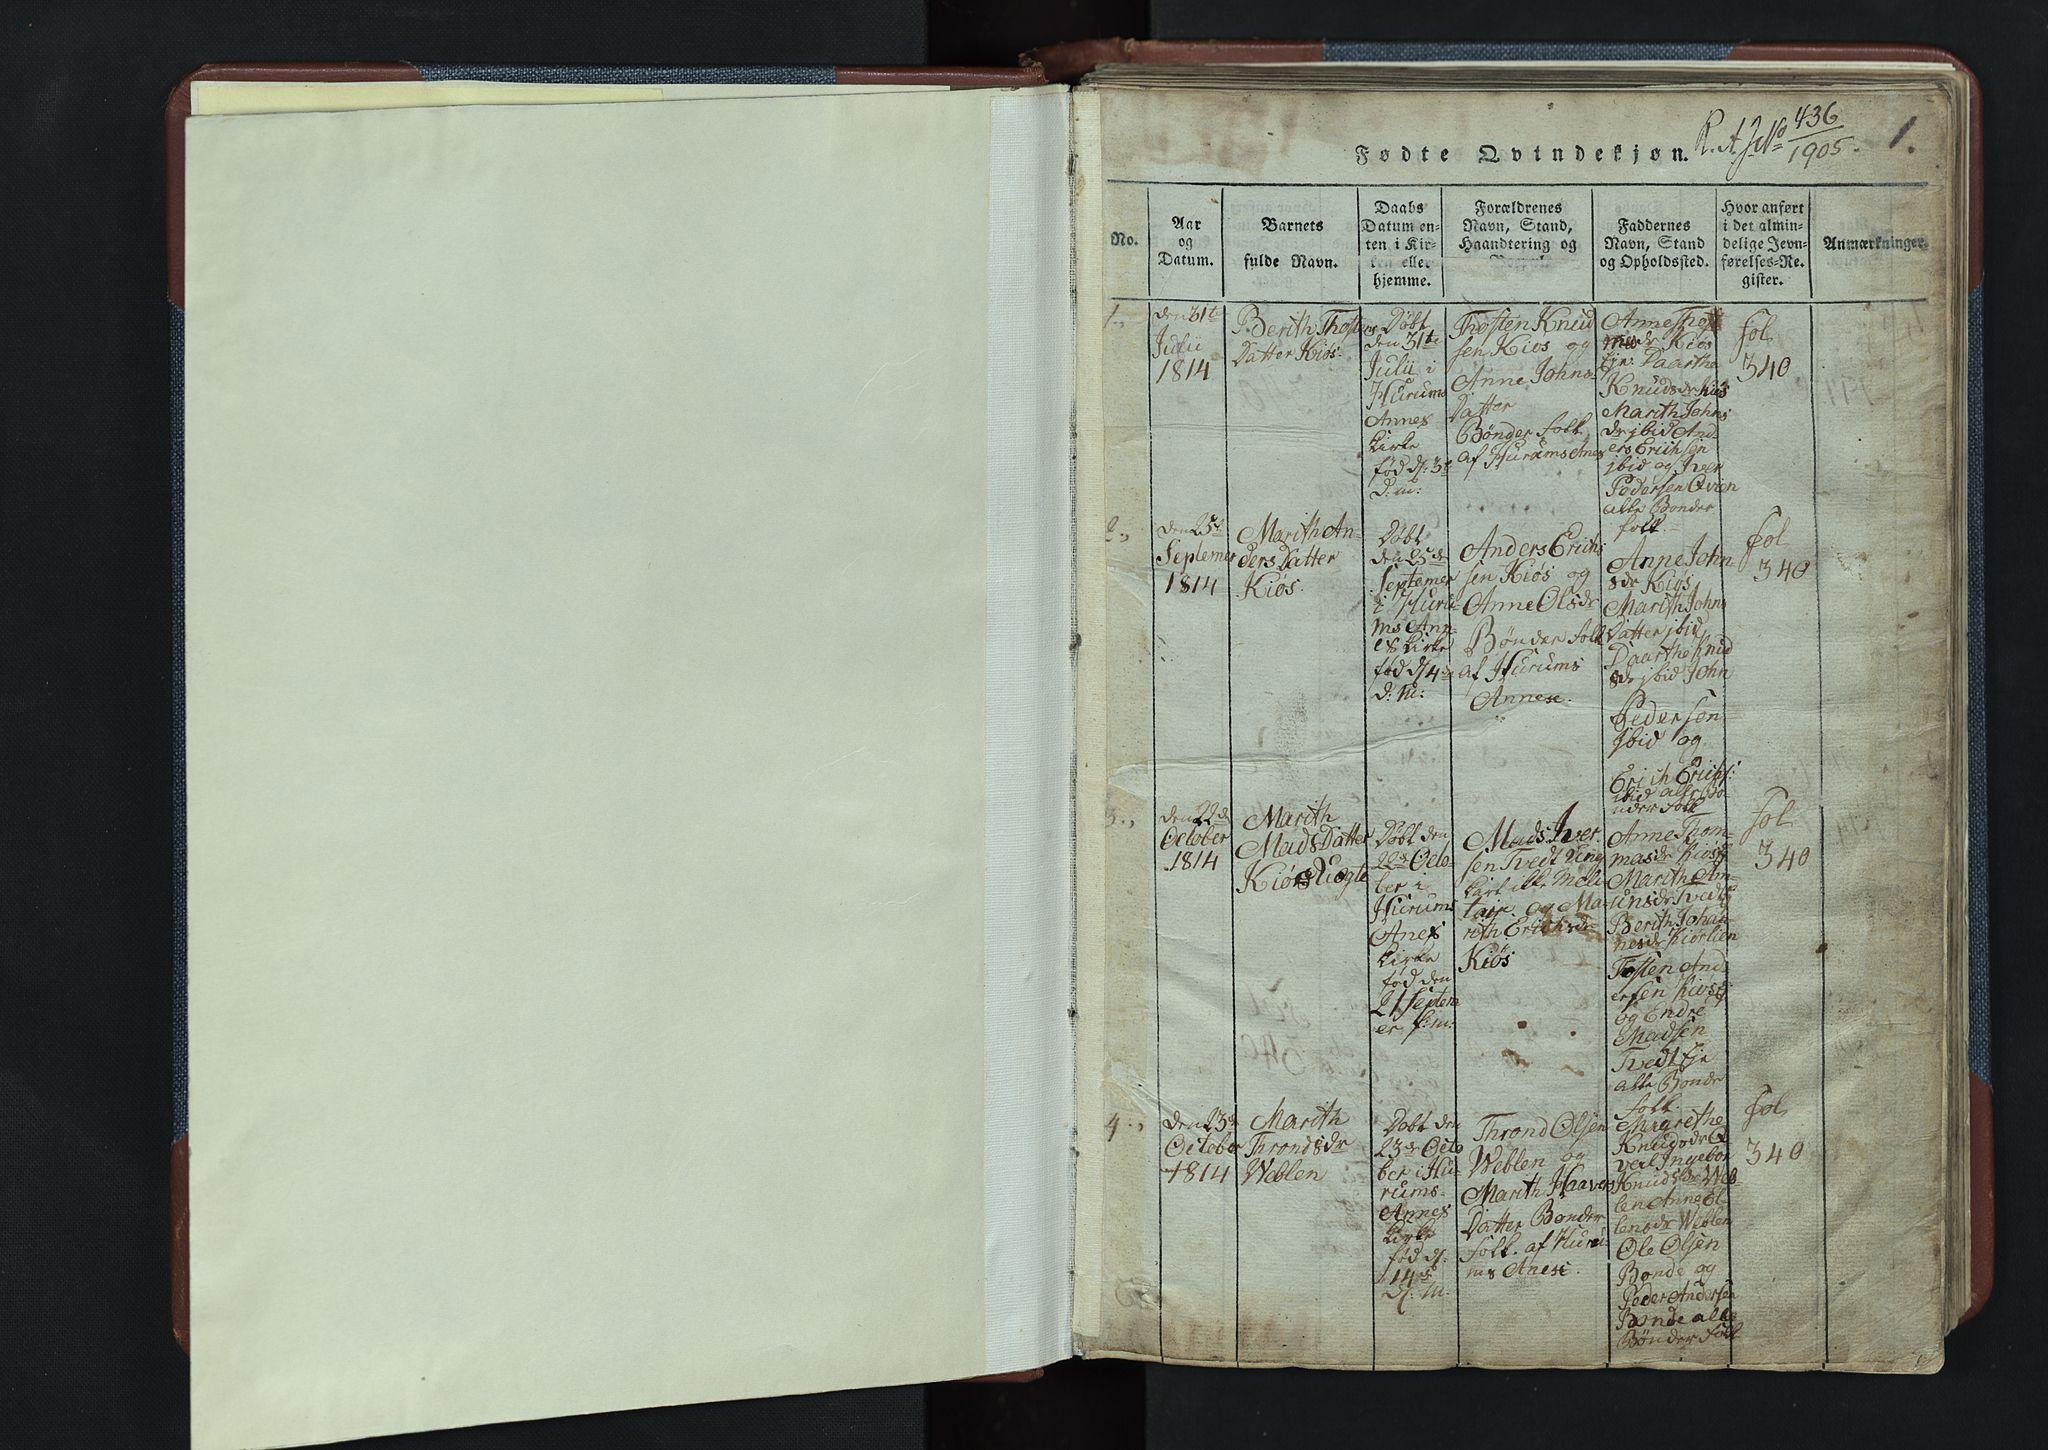 SAH, Vang prestekontor, Valdres, Klokkerbok nr. 3, 1814-1892, s. 1